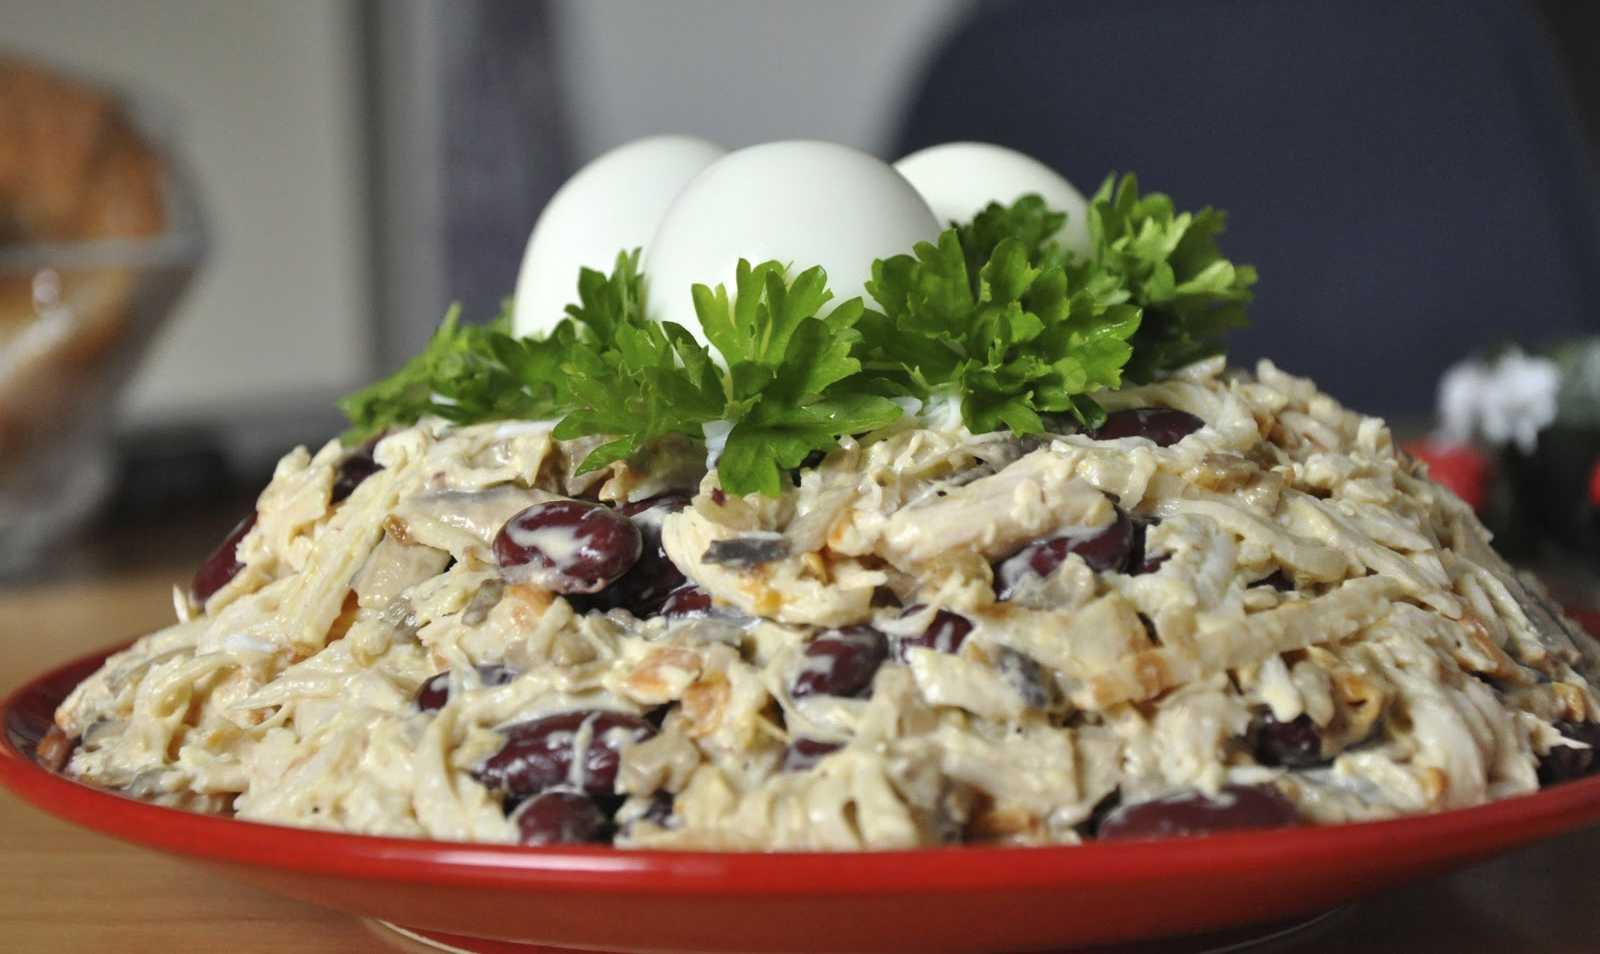 Как приготовить салат грудка консервированные грибы майонез: поиск по ингредиентам, советы, отзывы, пошаговые фото, подсчет калорий, изменение порций, похожие рецепты